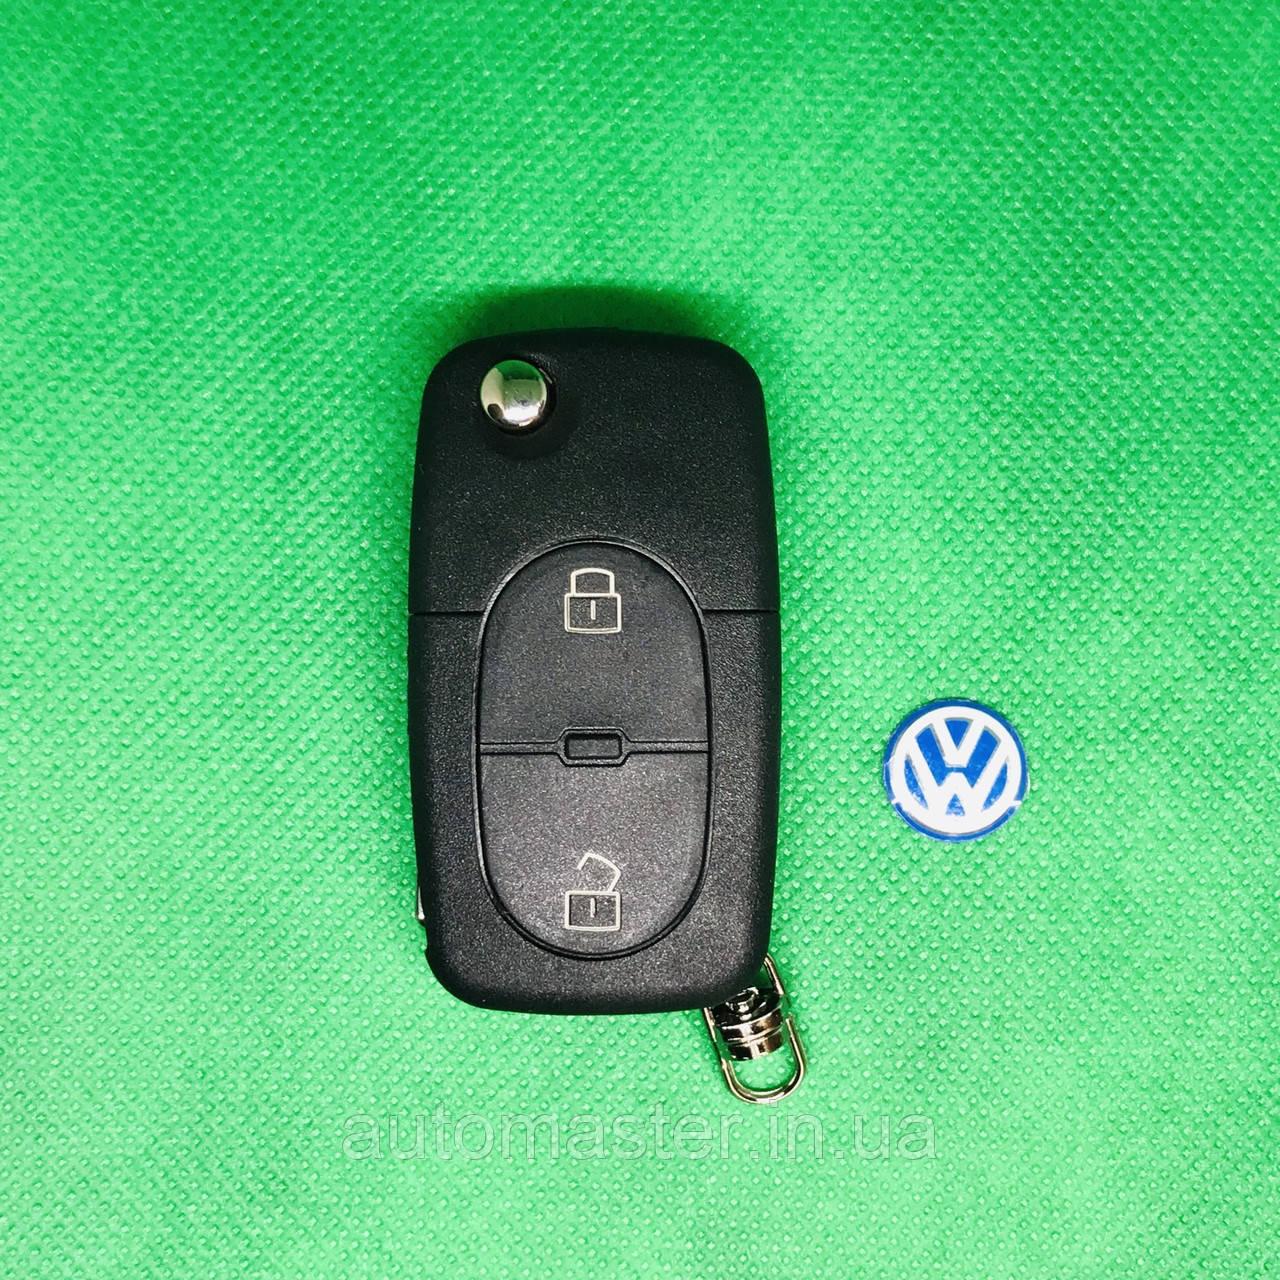 Корпус выкидного авто ключа  Volkswagen Фольксваген Passat Пассат Бора Поло 2 кнопки